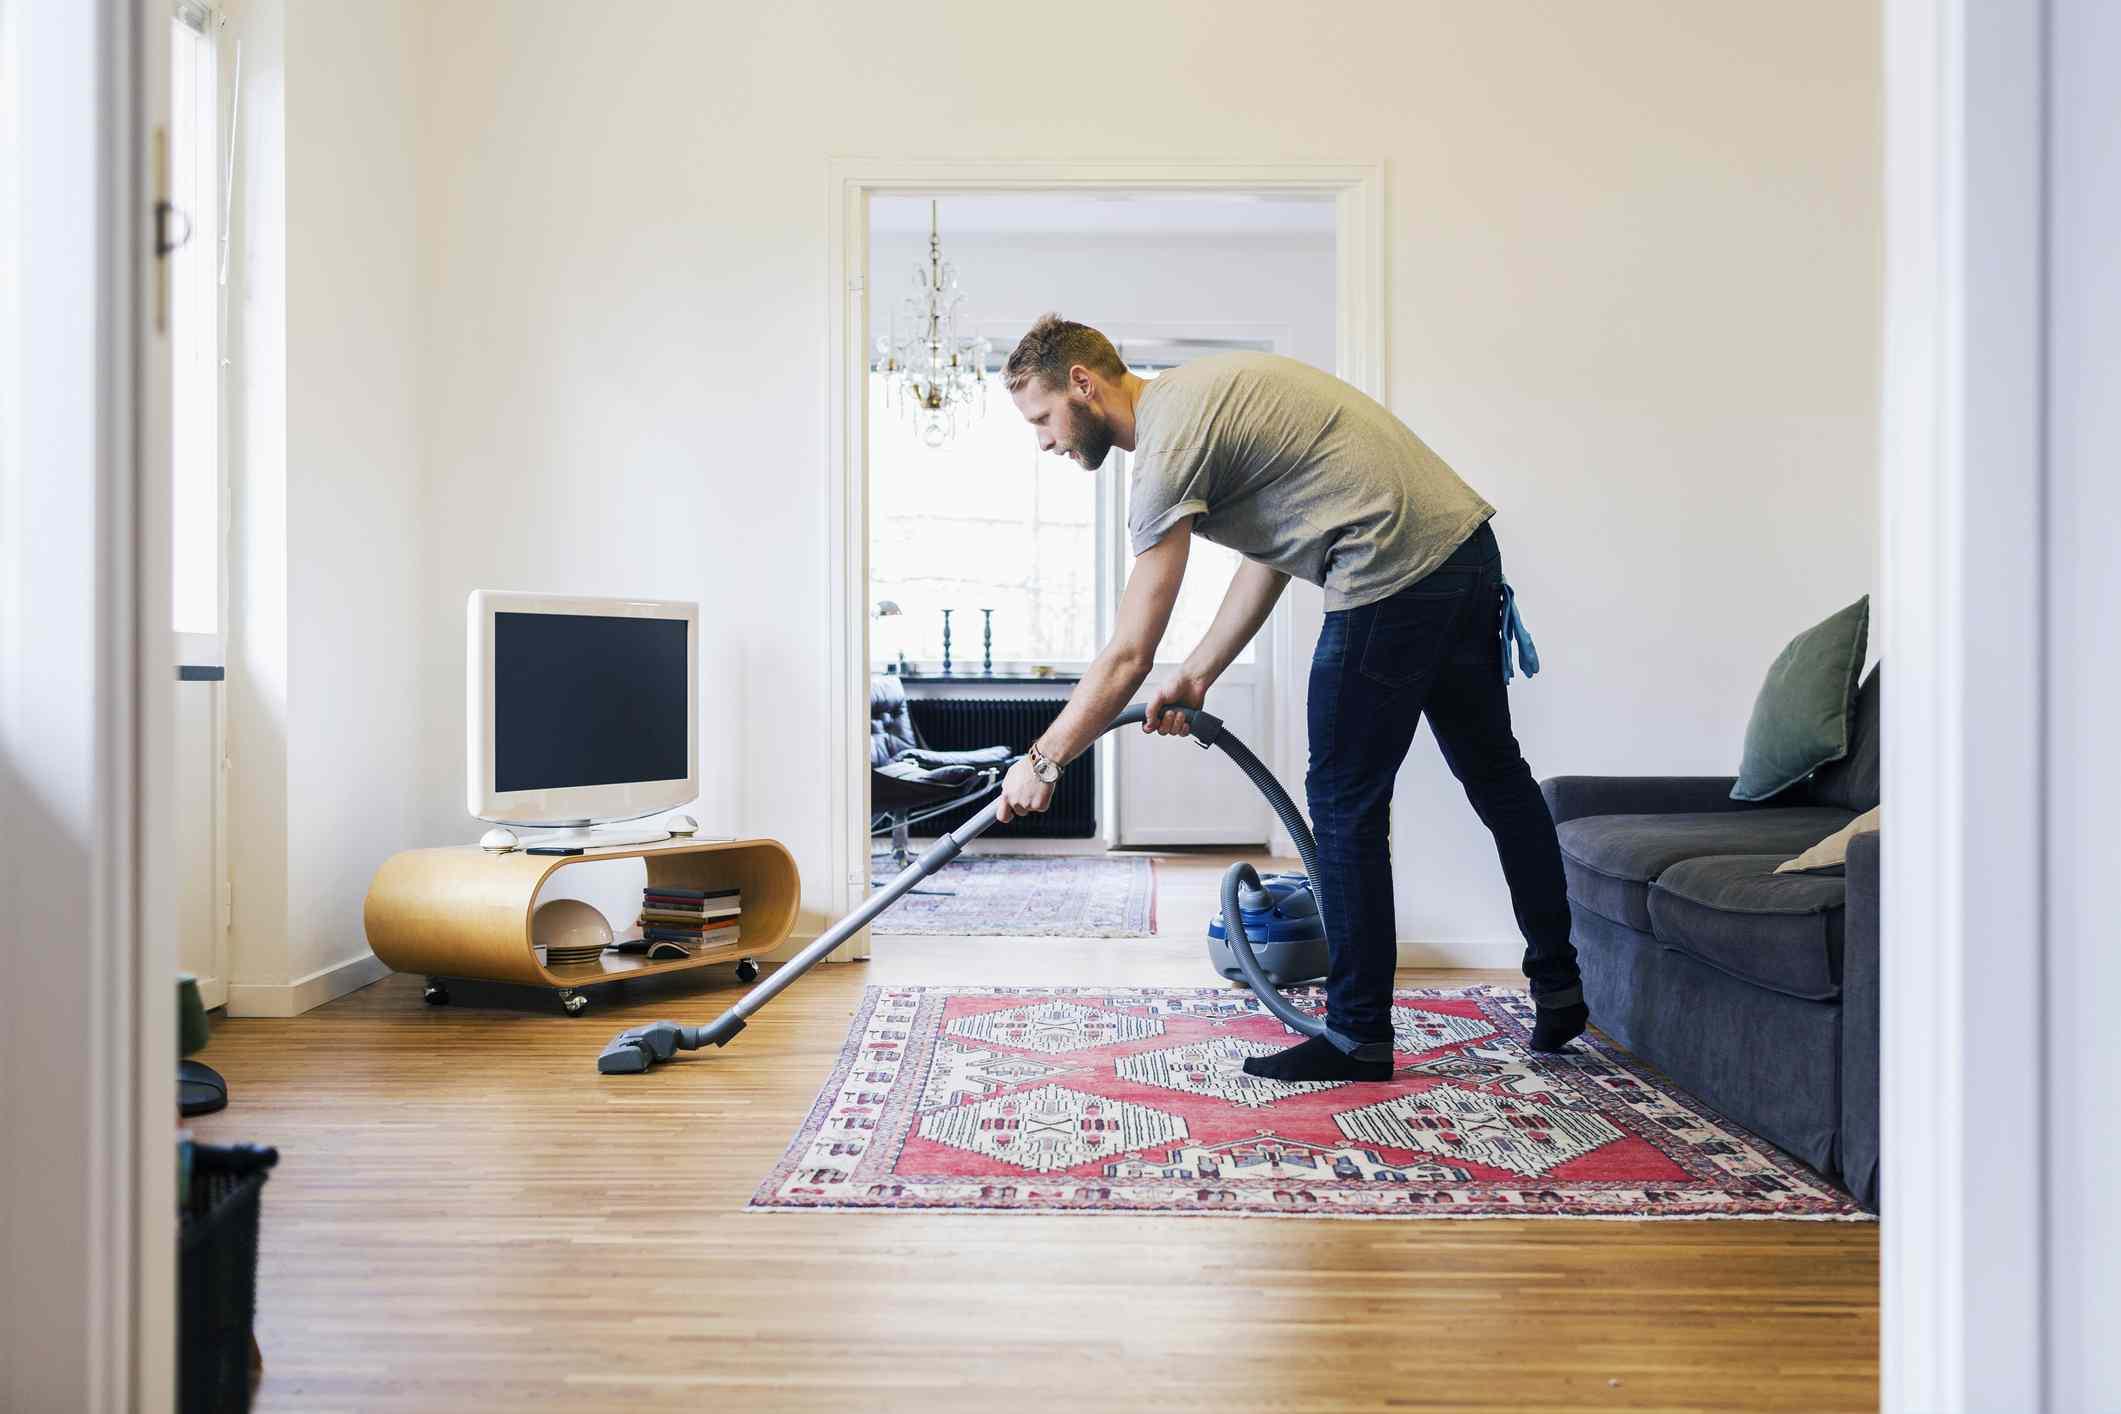 Man vacuums floor in living room